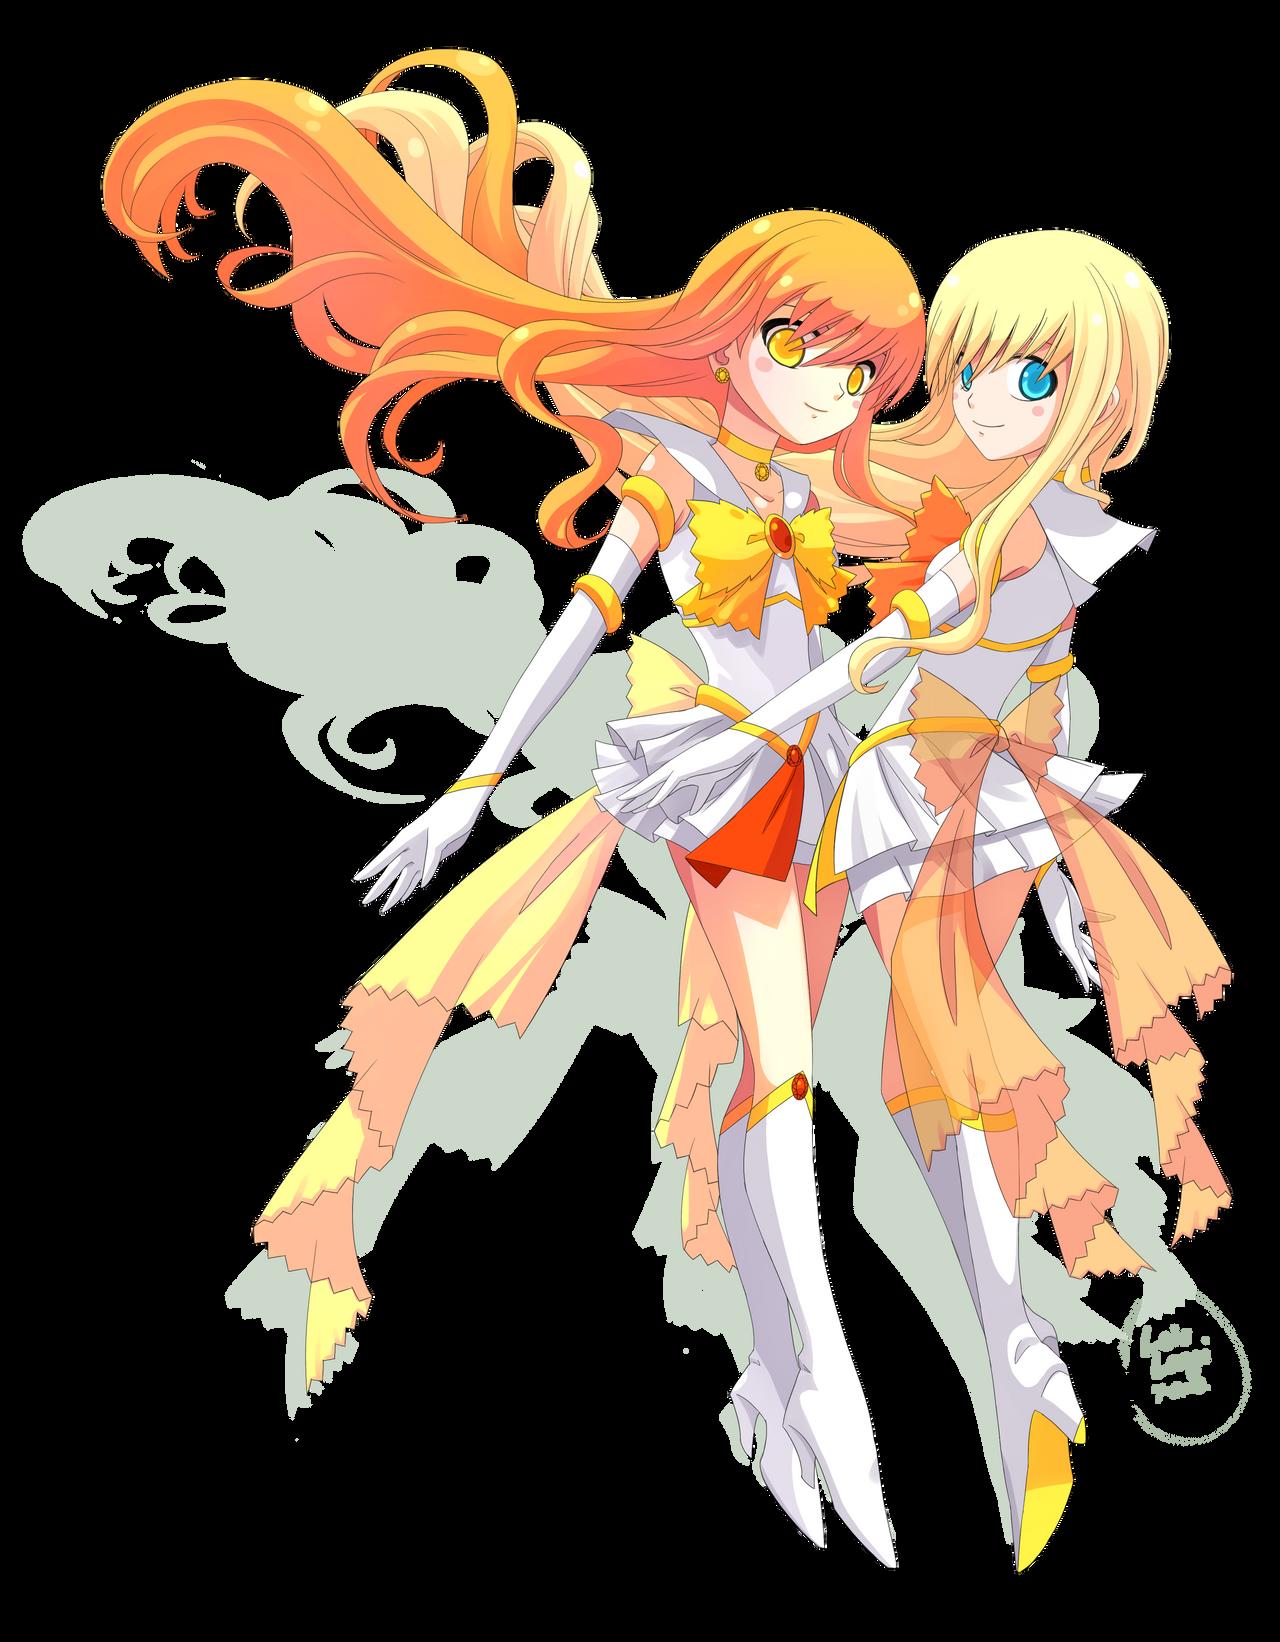 Sailor Sun By Oraclesaturn On Deviantart